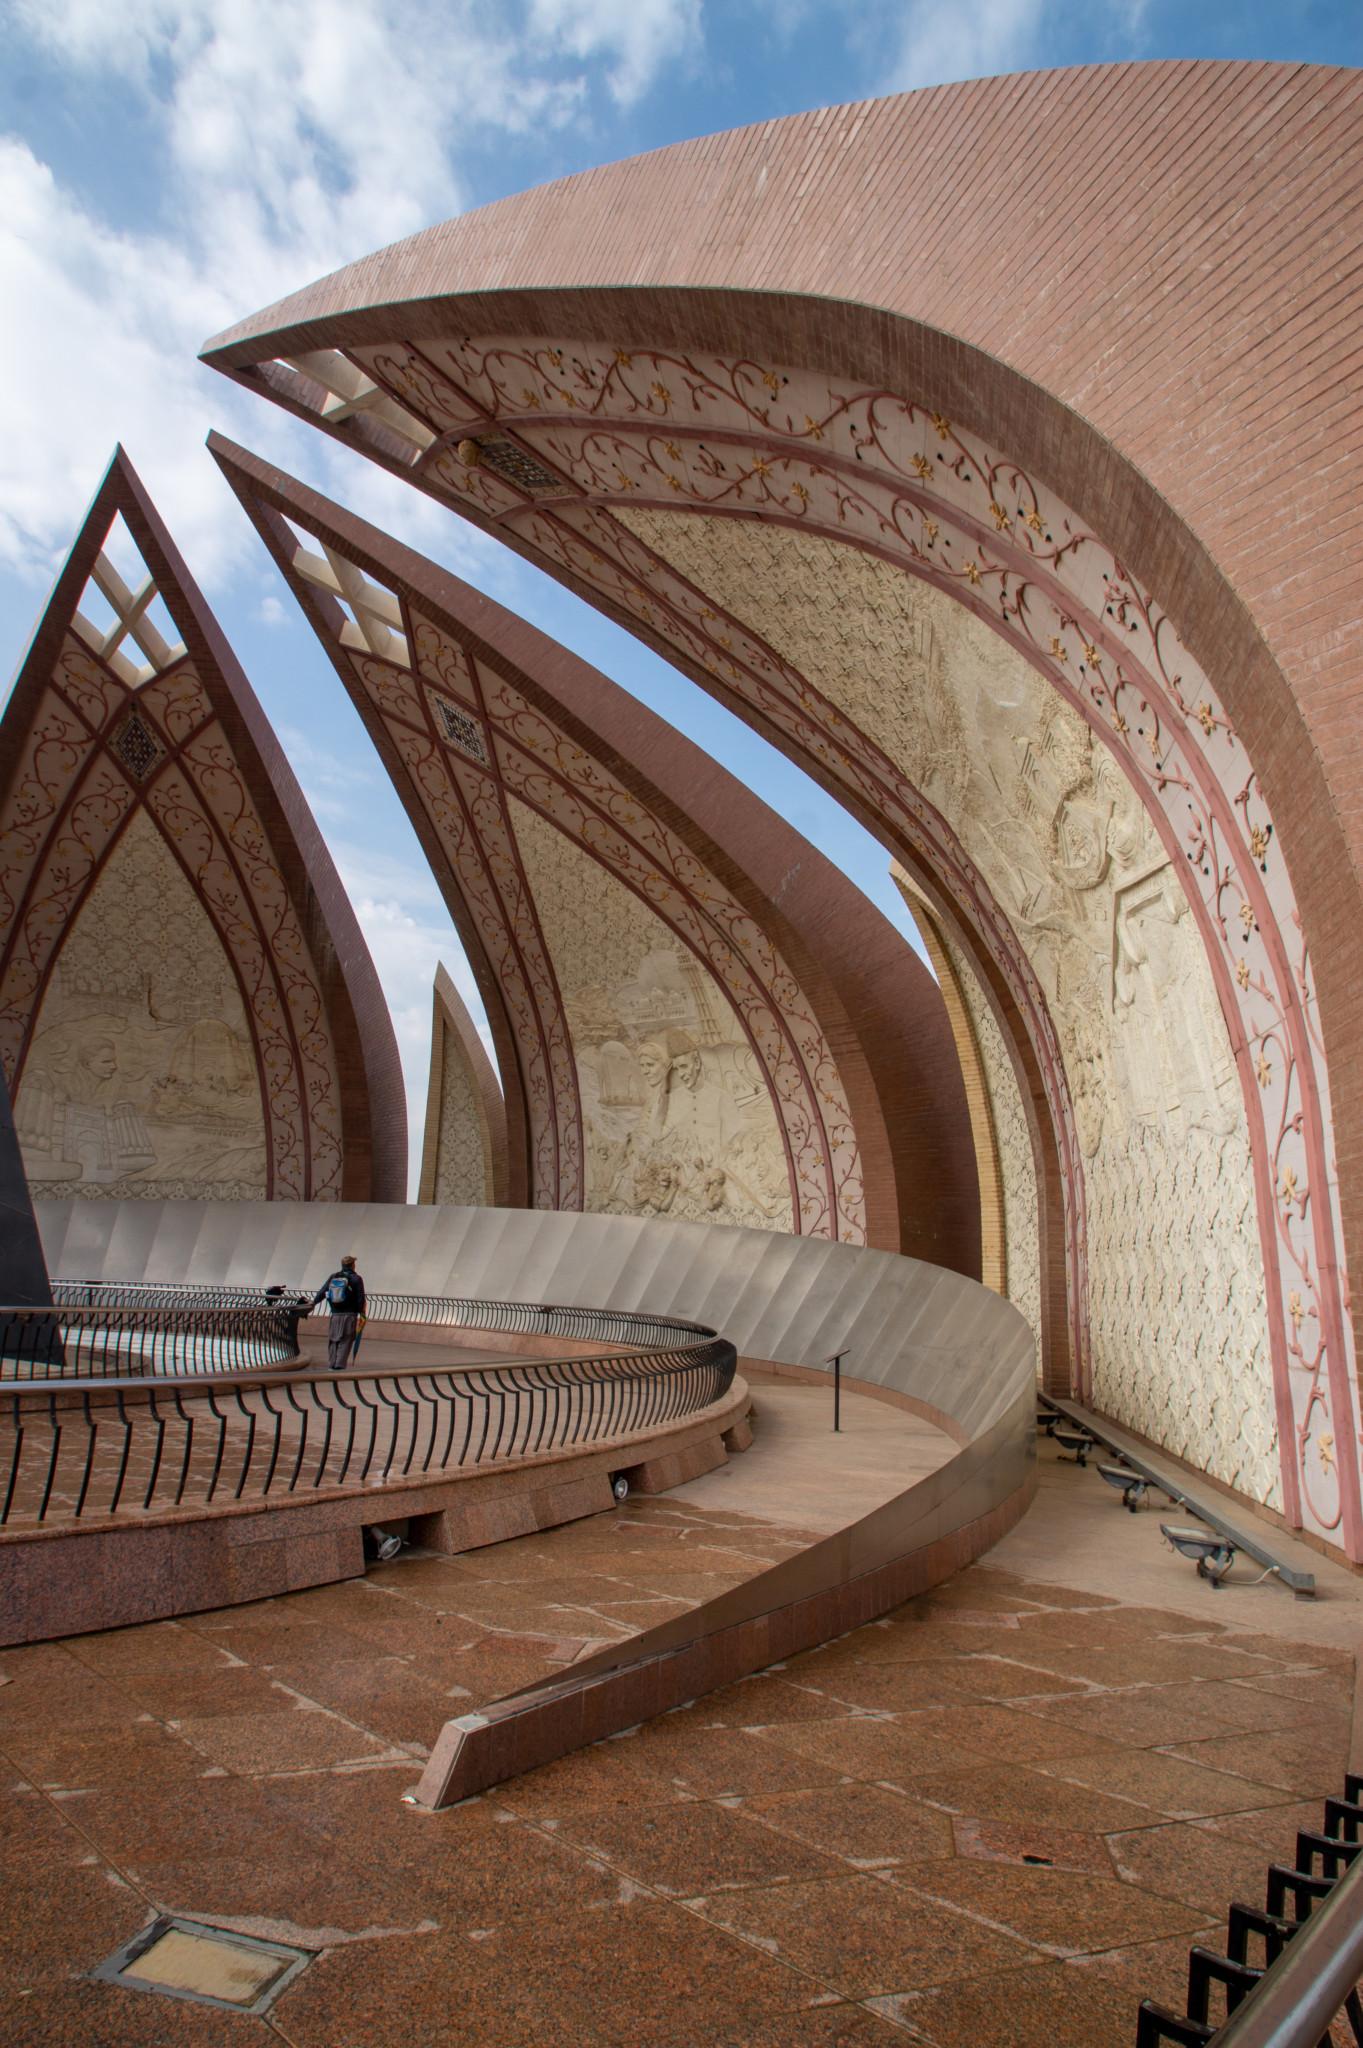 Zu den Pakistan Sehenswürdigkeiten gehört auch das Pakistan Monument in Islamabad